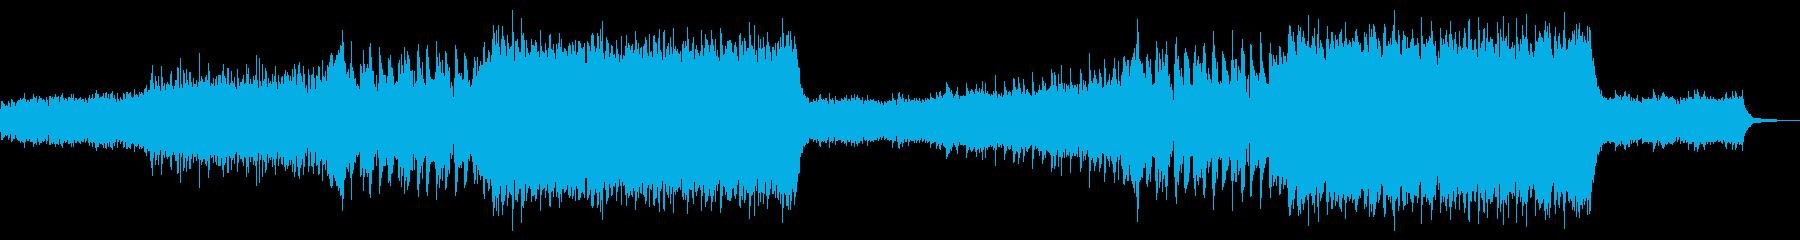 アドベンチャートレーラーの再生済みの波形